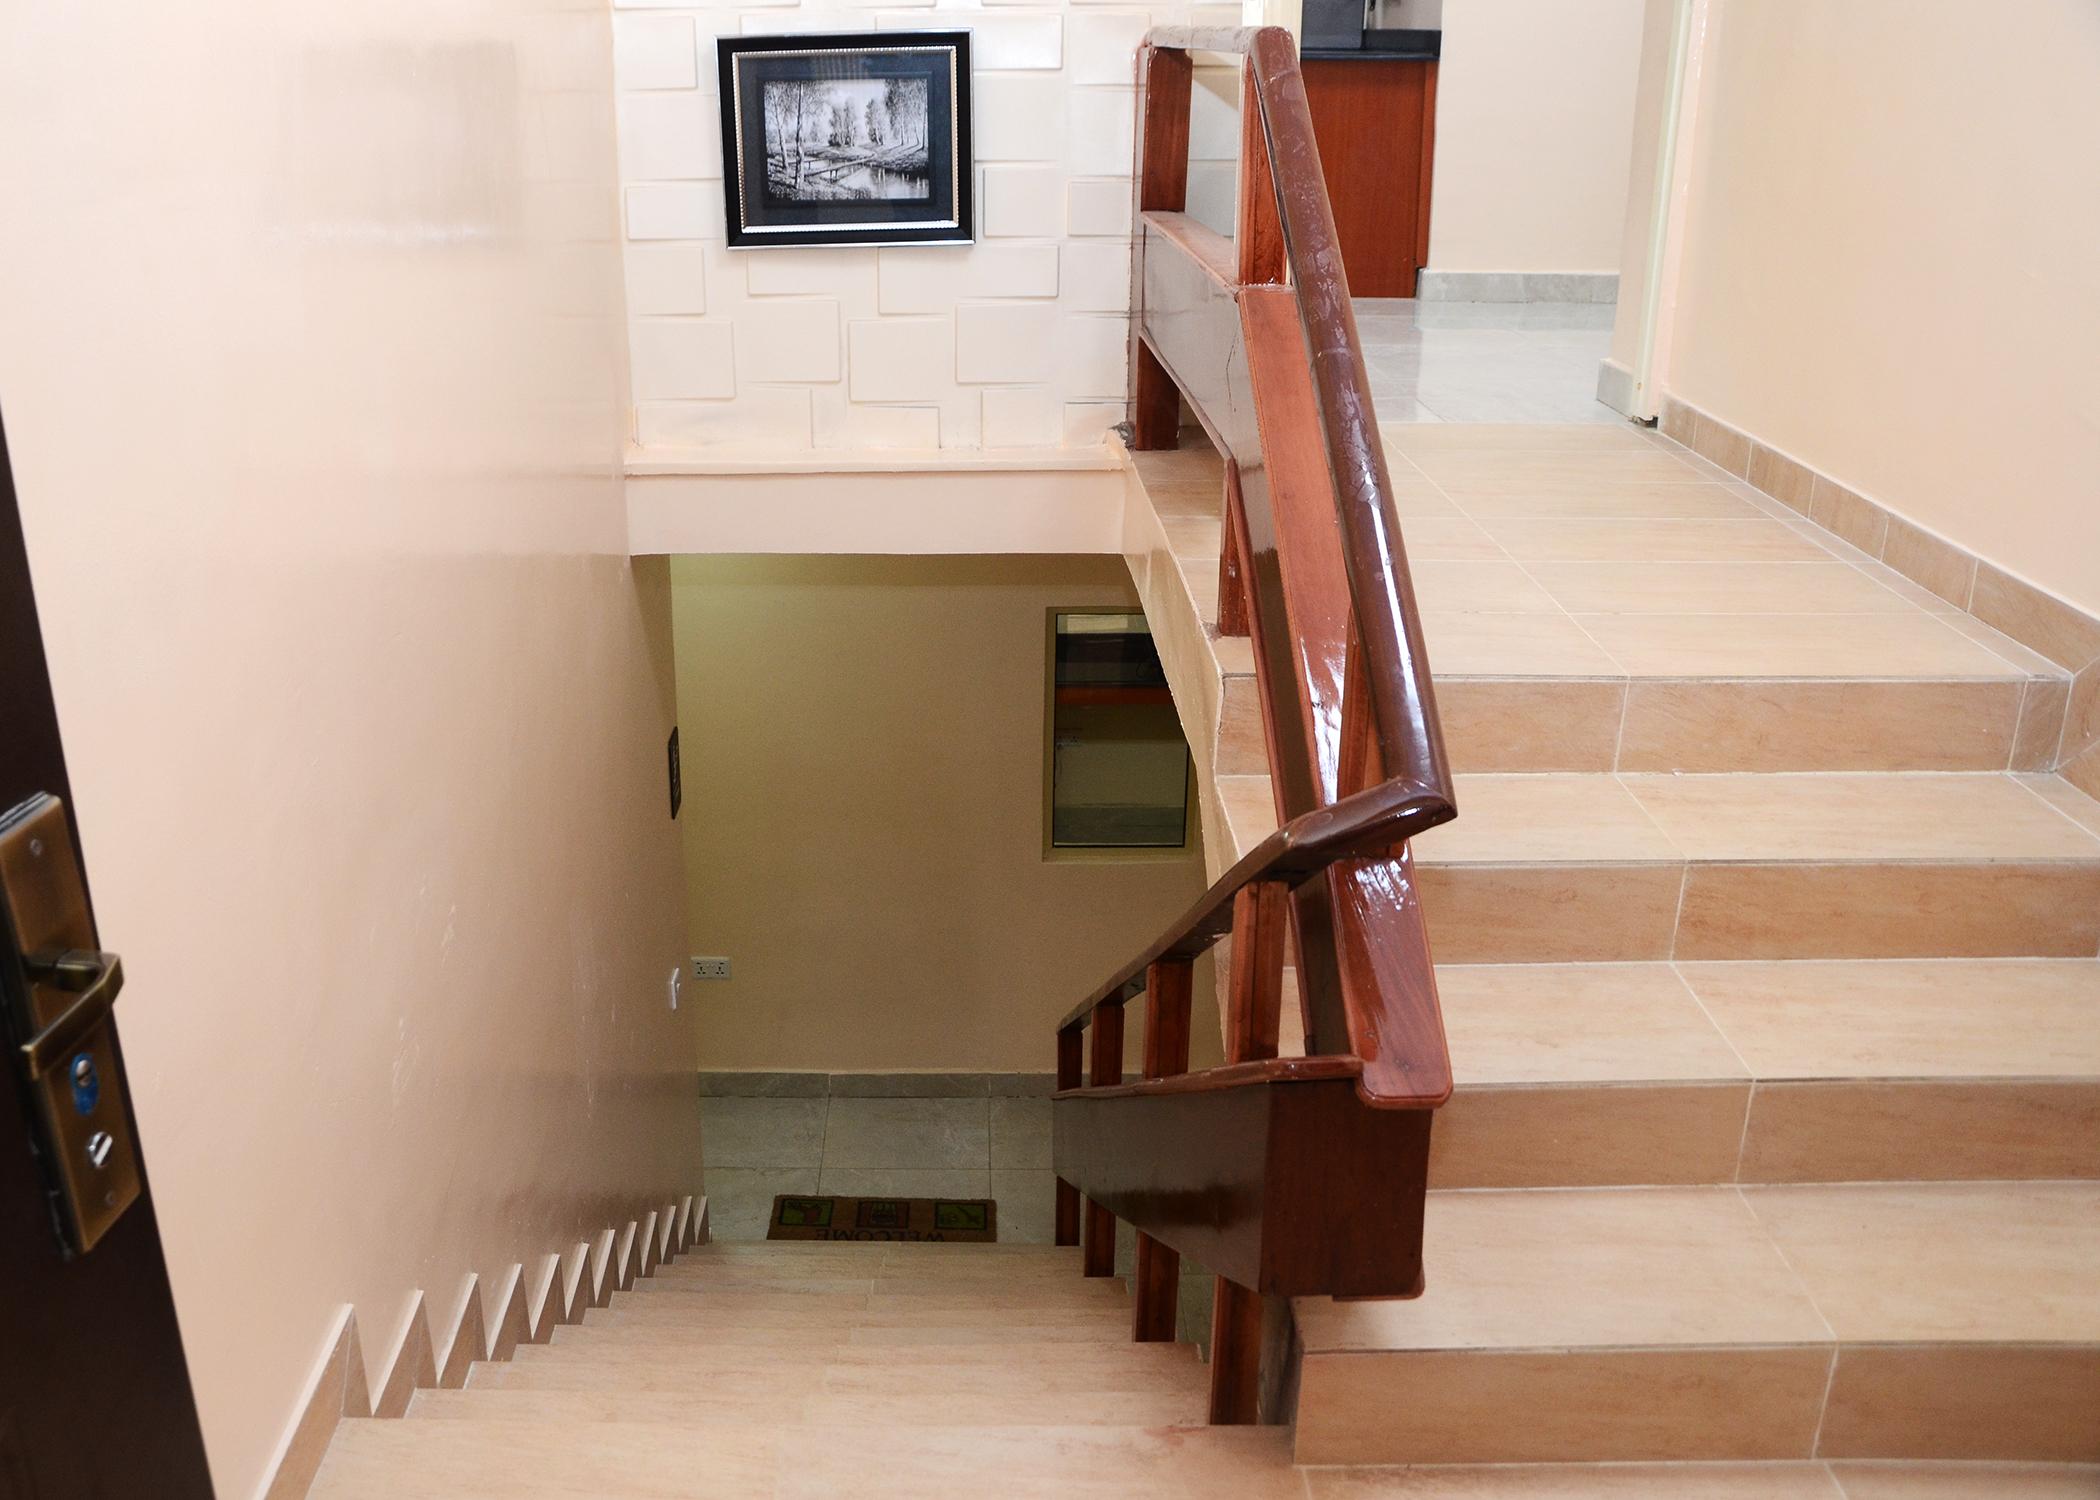 Stairway - Genesis Specialist Hospital